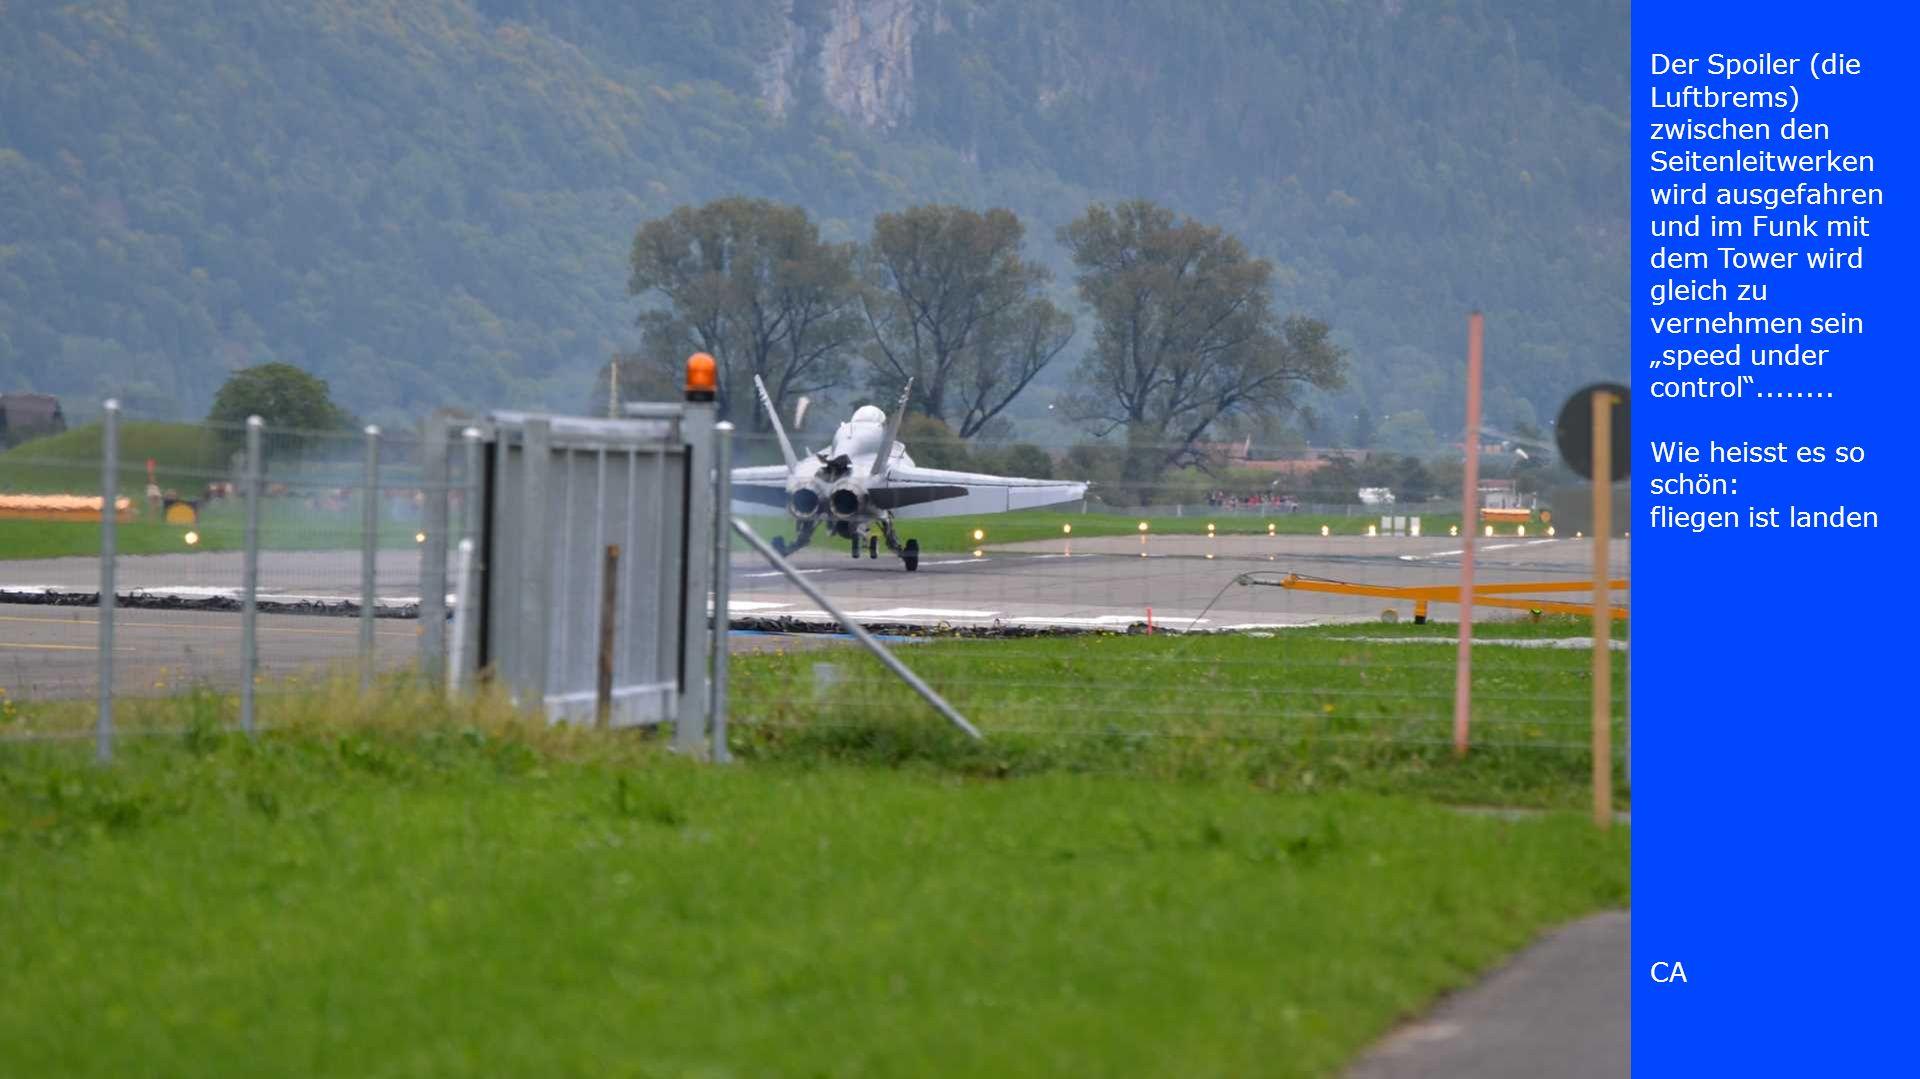 Der vierte F/A-18 beschleunigt und rollt ebenfalls zum Start.